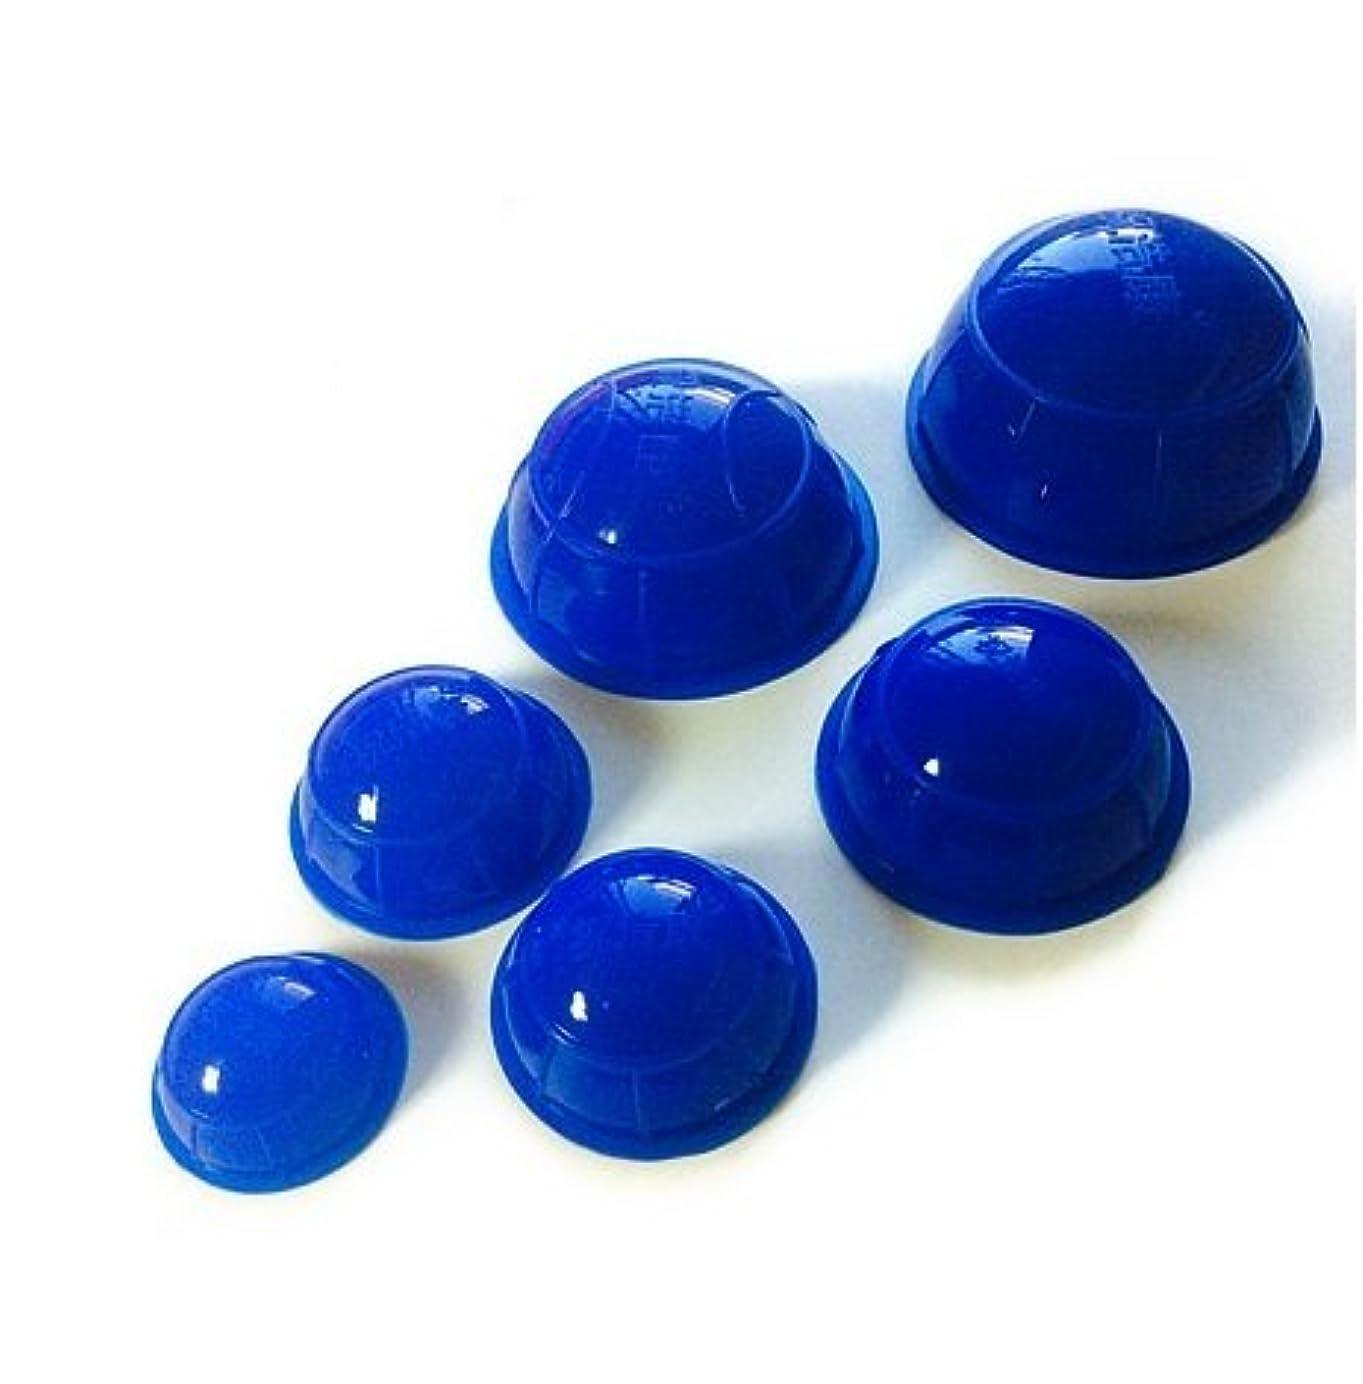 小川癒す獲物簡易 吸い玉6個セット ブルー 大中小5種類の大きさ